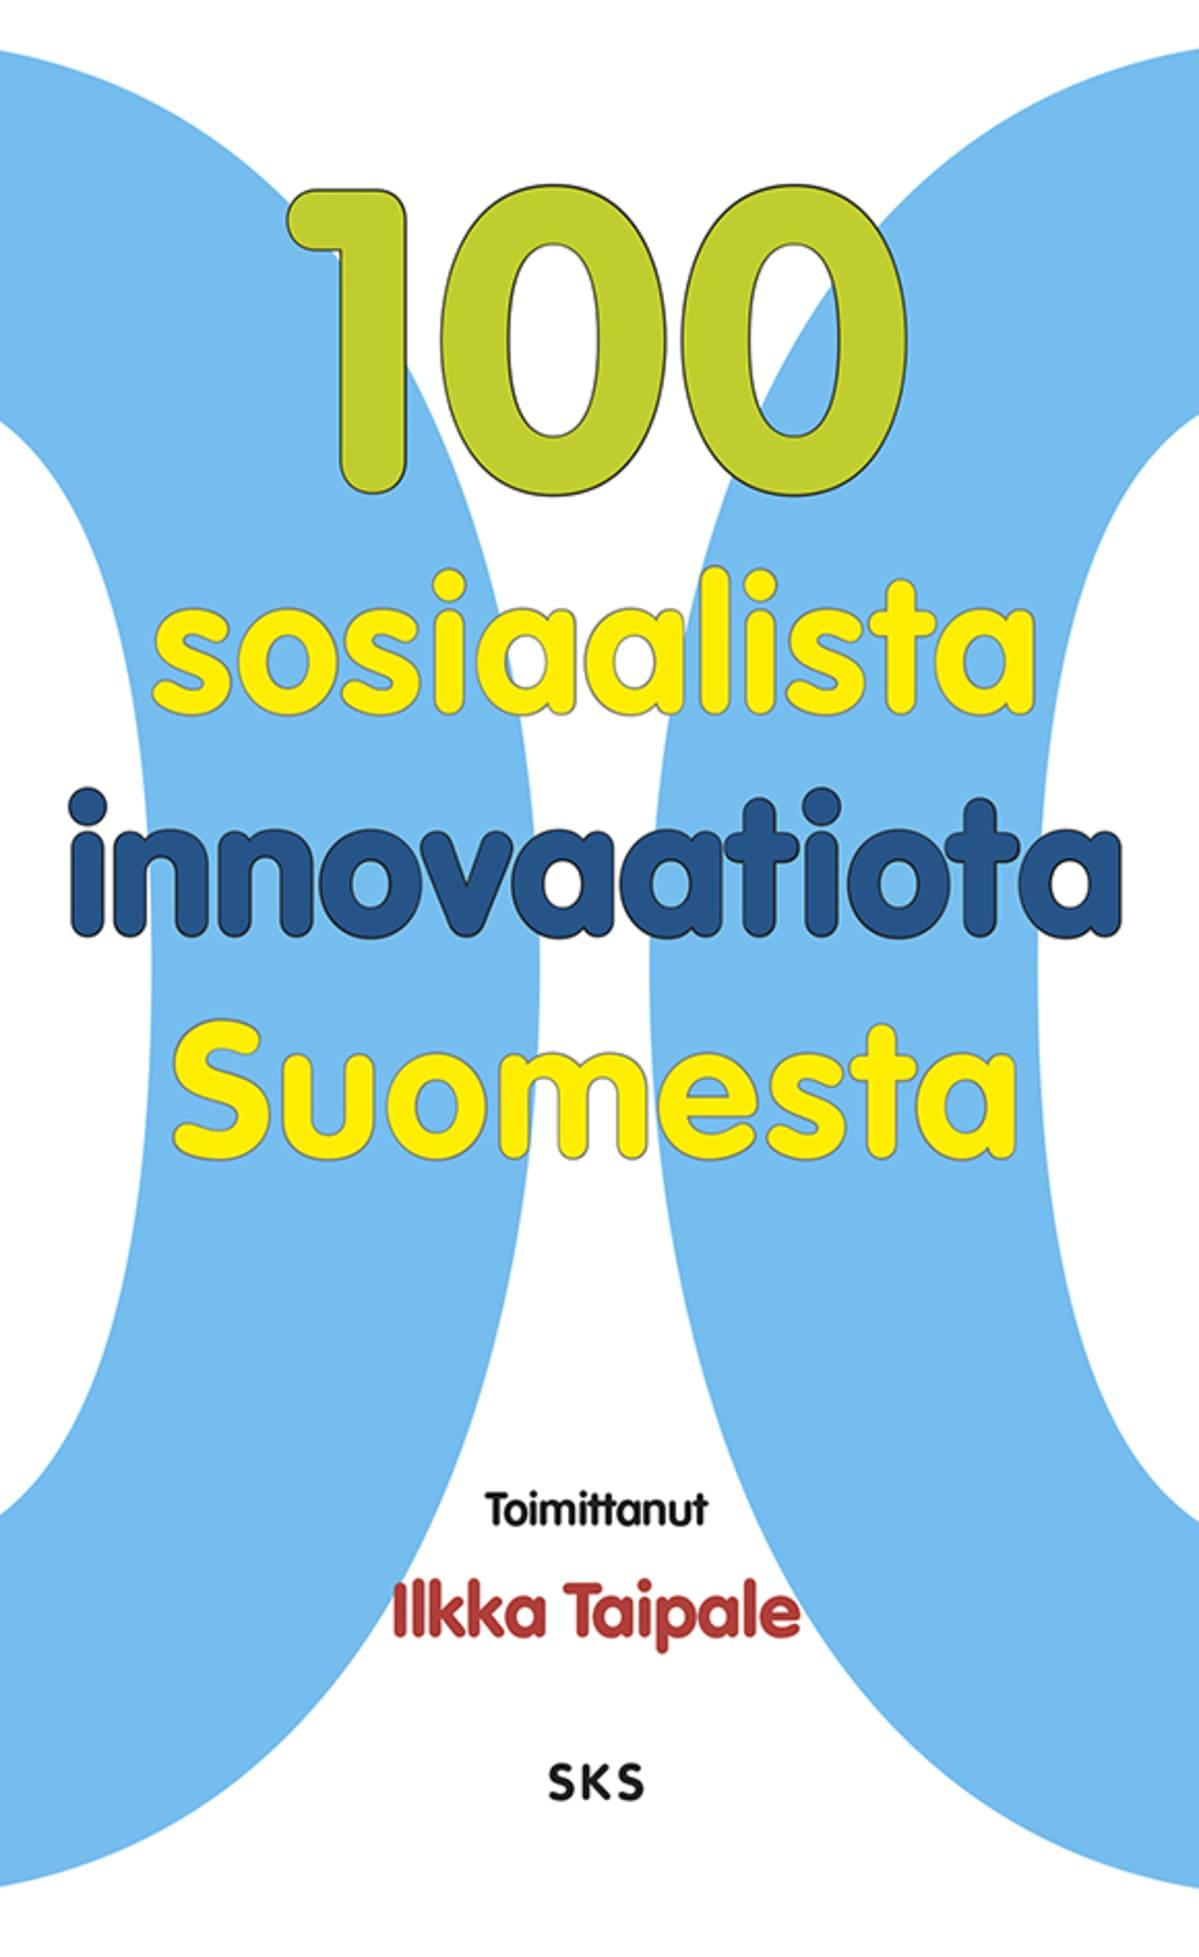 Ilkka Taipale - 100 Sosiaalista innovaatiota Suomesta